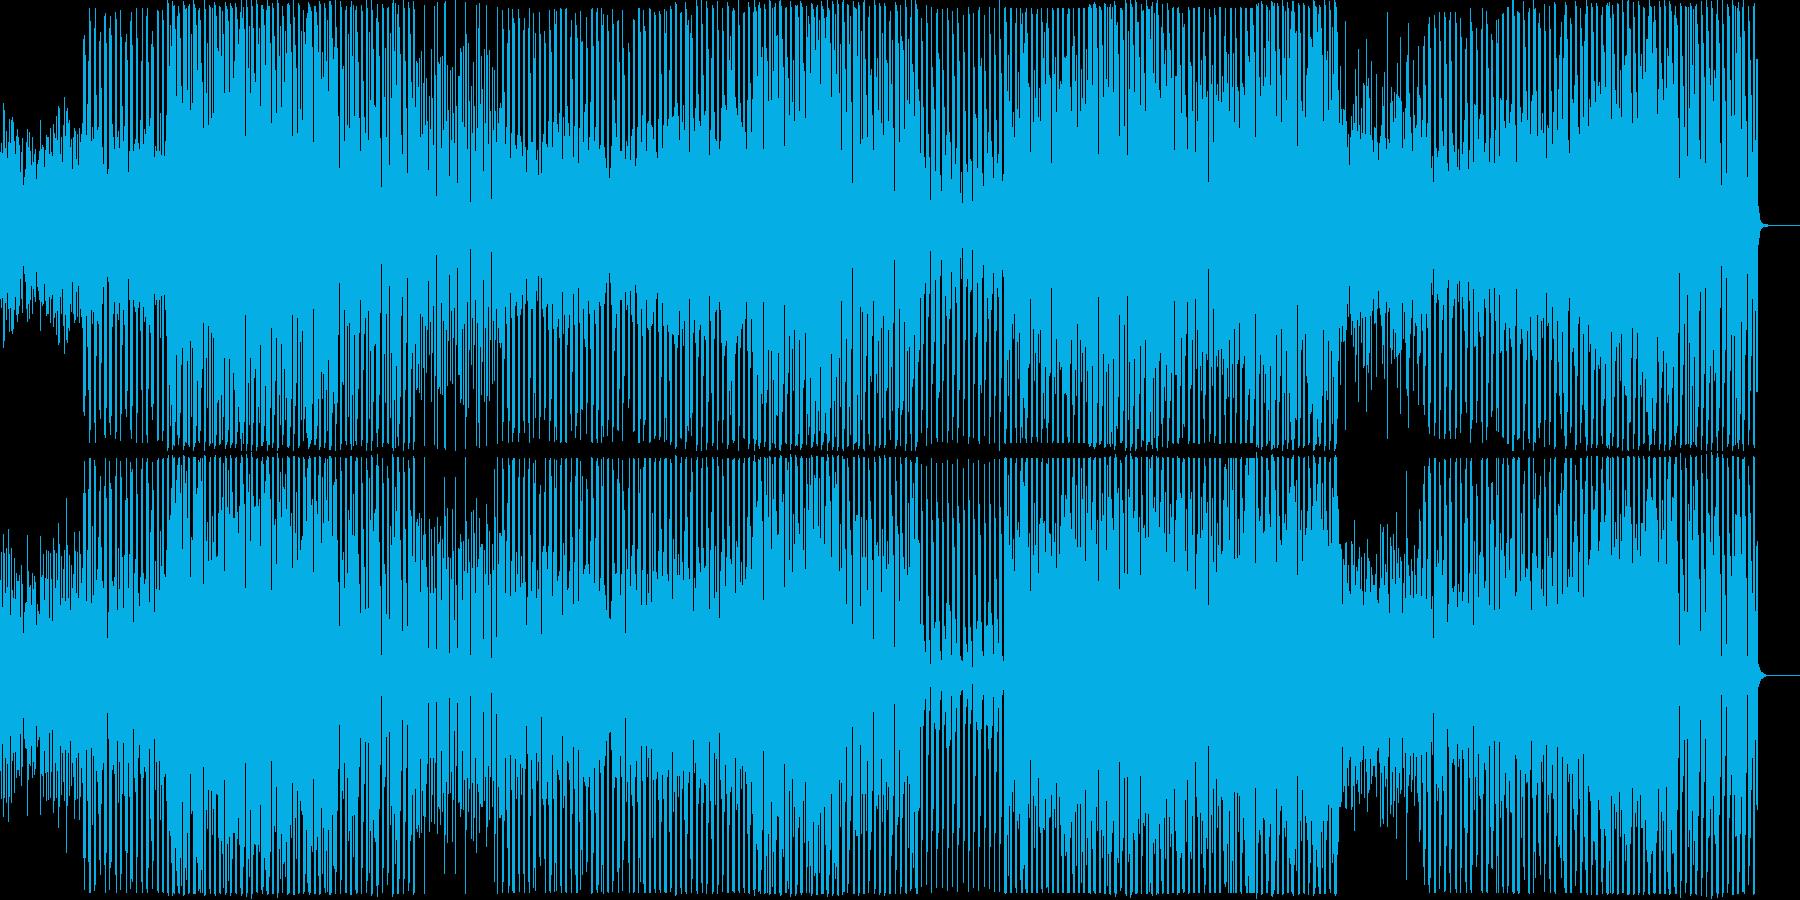 オーケストラ パーカッション ミニマルの再生済みの波形